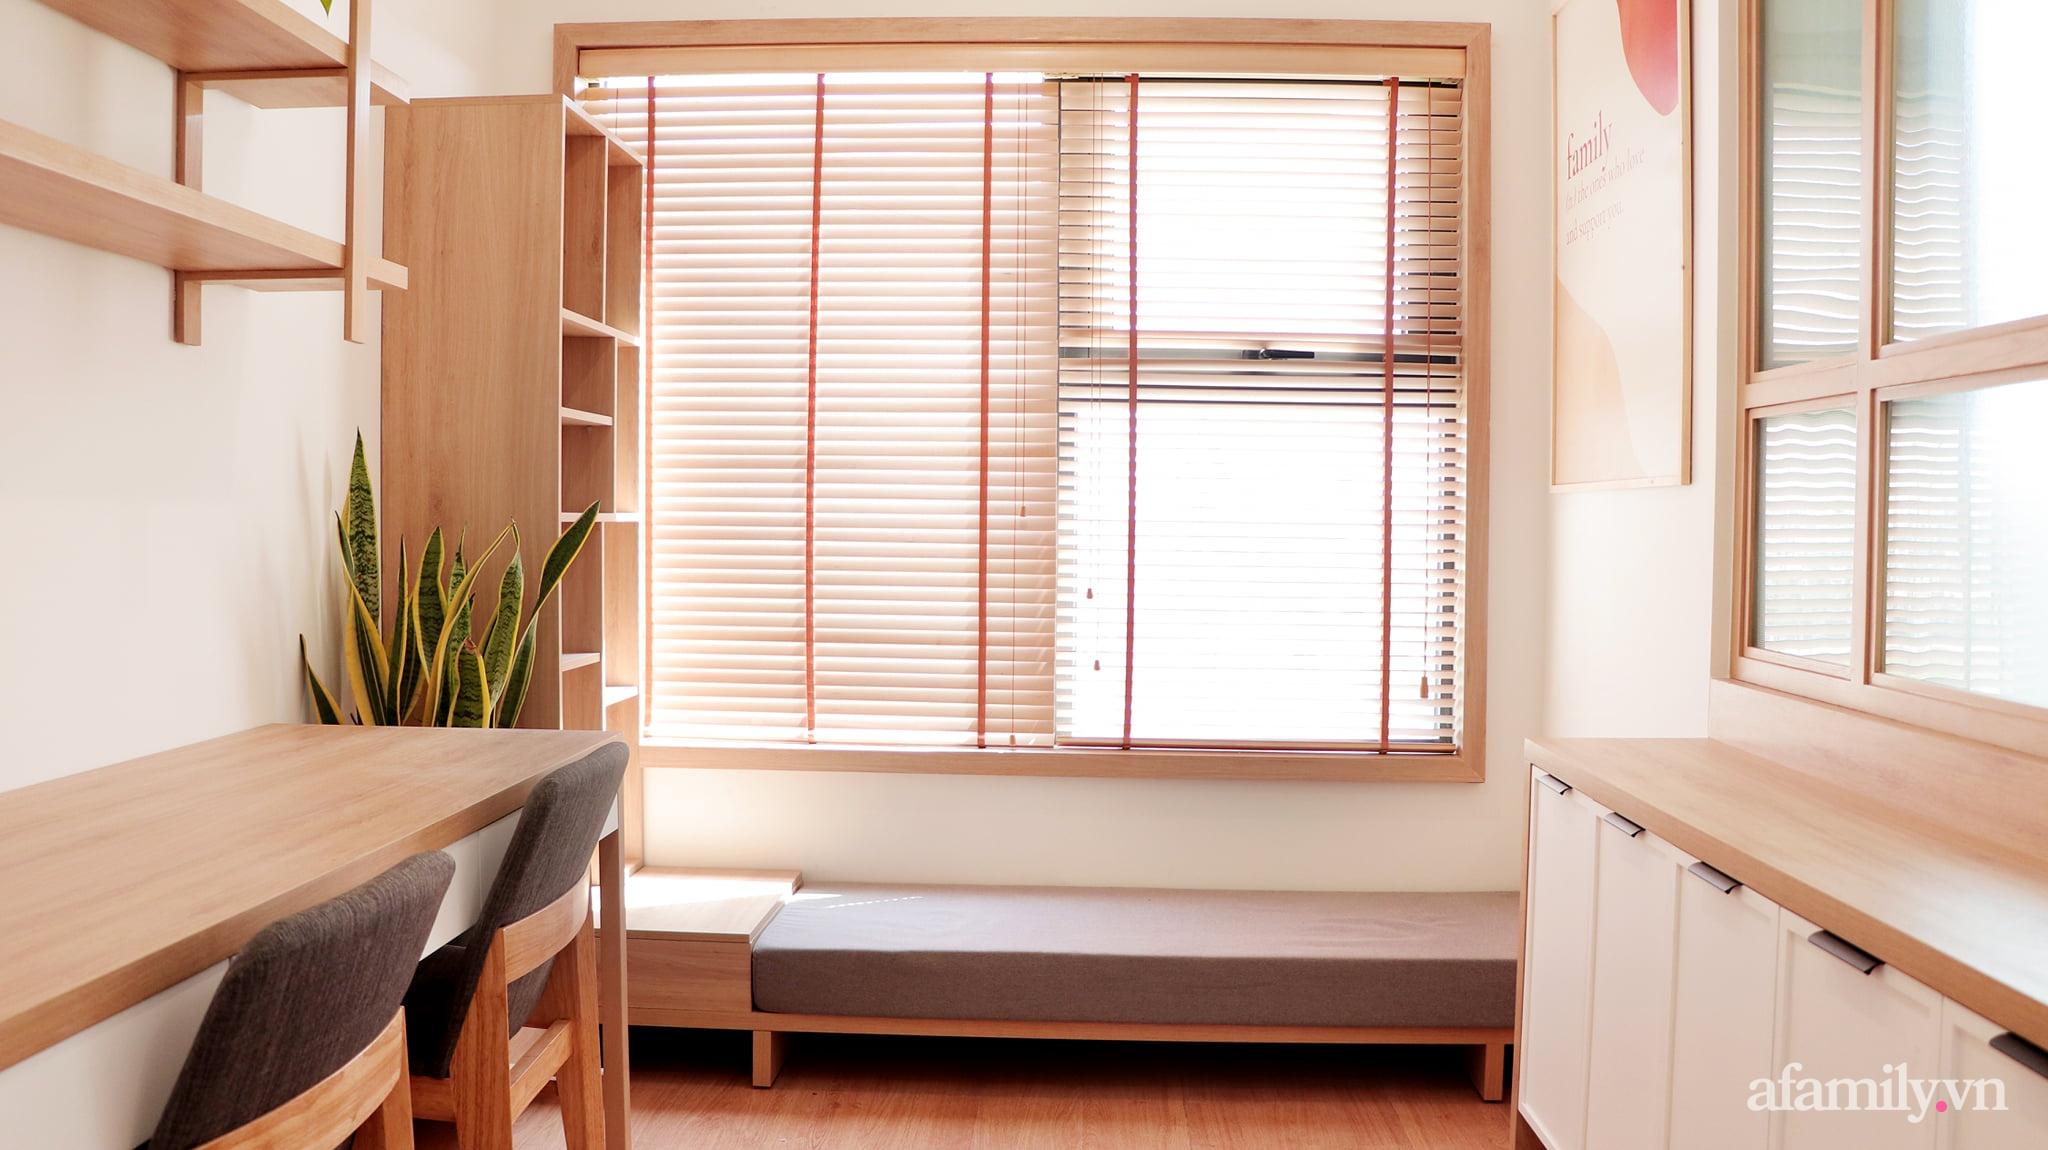 Căn hộ 72m² cực ít đồ đạc vẫn đẹp tinh tế và tiện dụng nhờ thiết kế nội thất thông minh ở Sài Gòn - Ảnh 11.